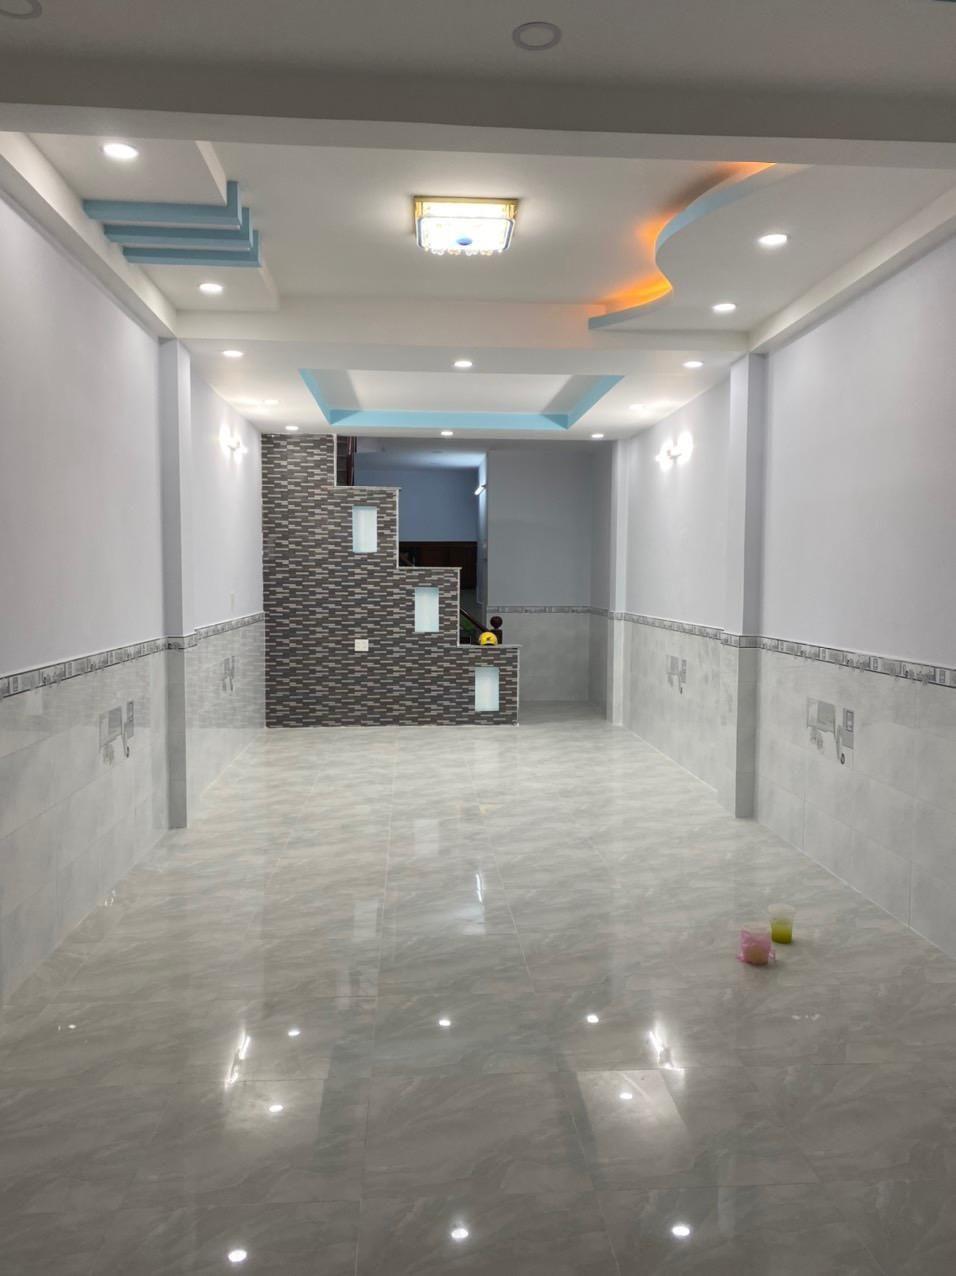 Cần bán Nhà riêng đường Phú Thọ Hòa, Phường Phú Thọ Hòa, Diện tích 70m², Giá 6.8 Tỷ